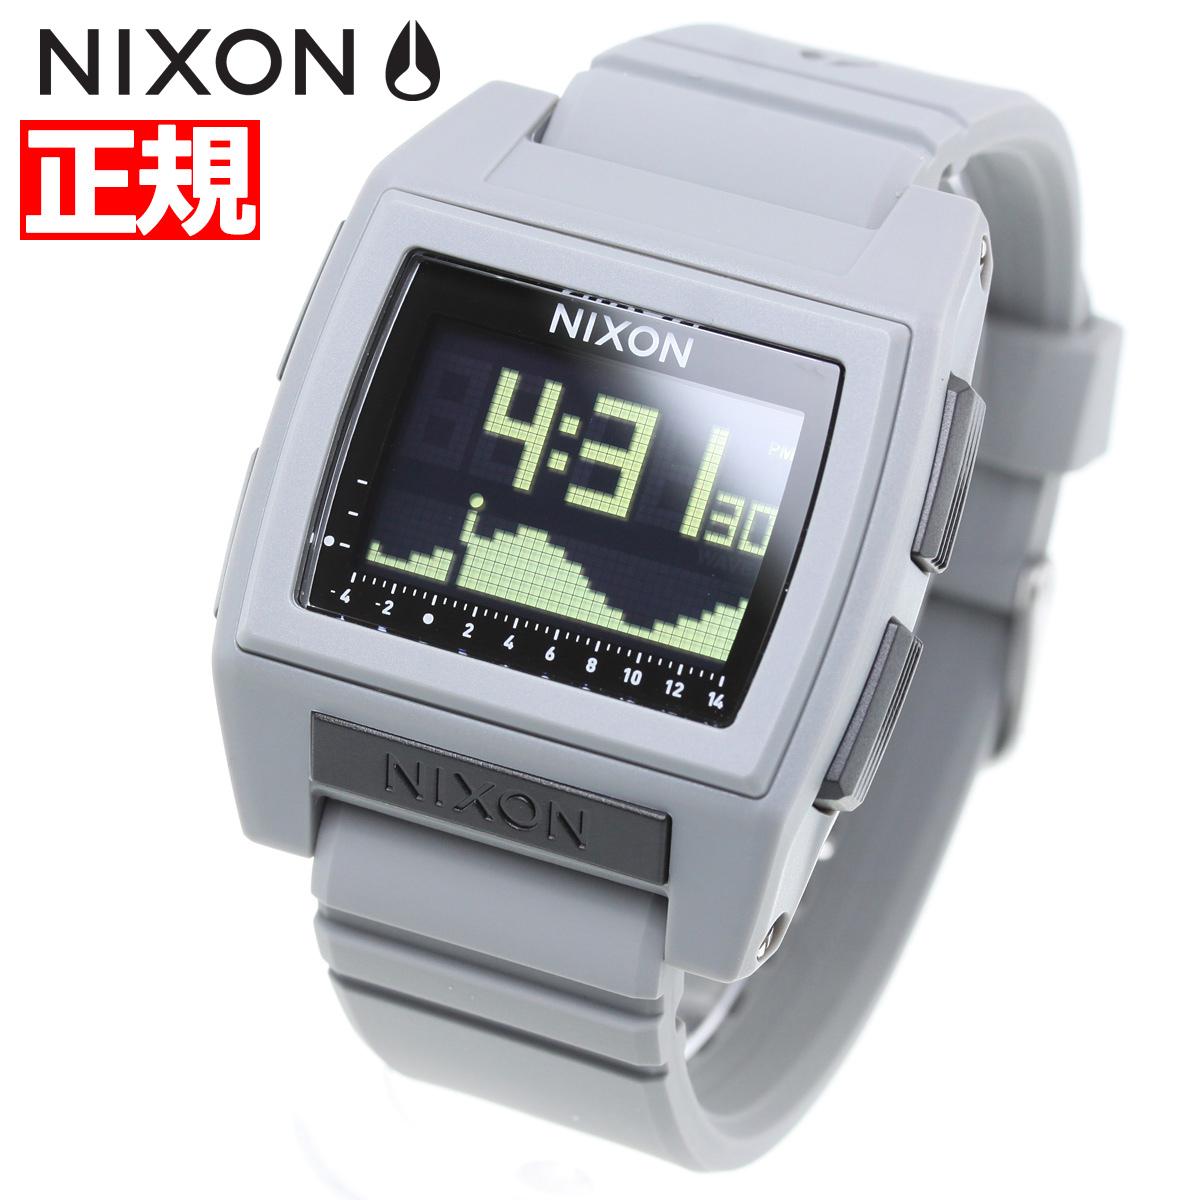 ニクソン NIXON ベースタイド プロ BASE TIDE PRO 腕時計 メンズ レディース GRAY NA1212145-00【2018 新作】